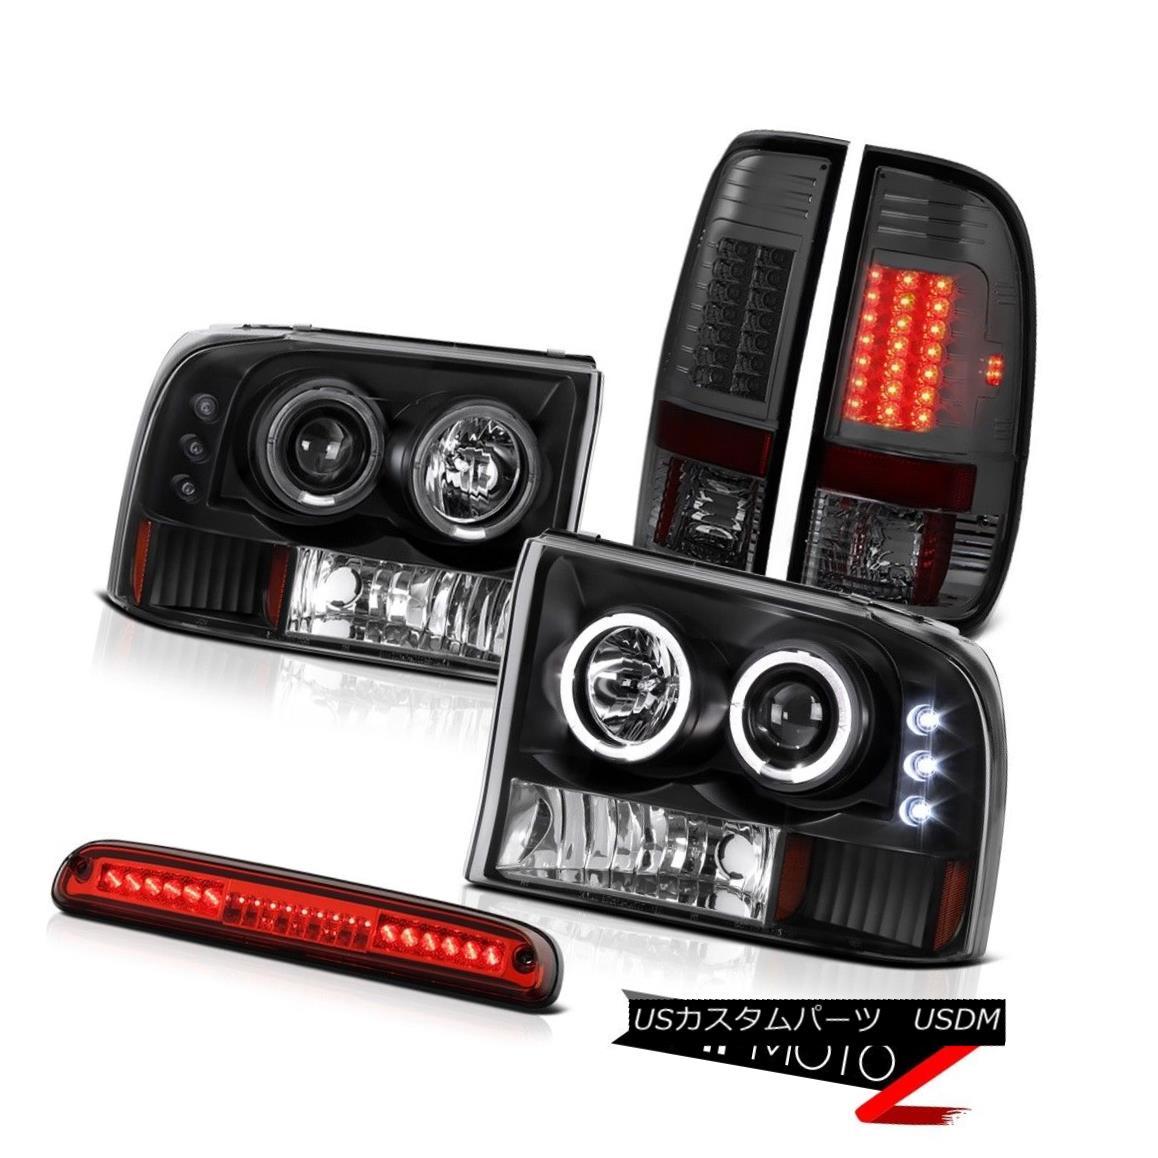 テールライト 1999-2004 F250 Turbo Diesel DRL LED Halo Headlights Brake Lights High Stop Red 1999-2004 F250ターボディーゼルDRL LEDハローヘッドライトブレーキライトハイストップレッド